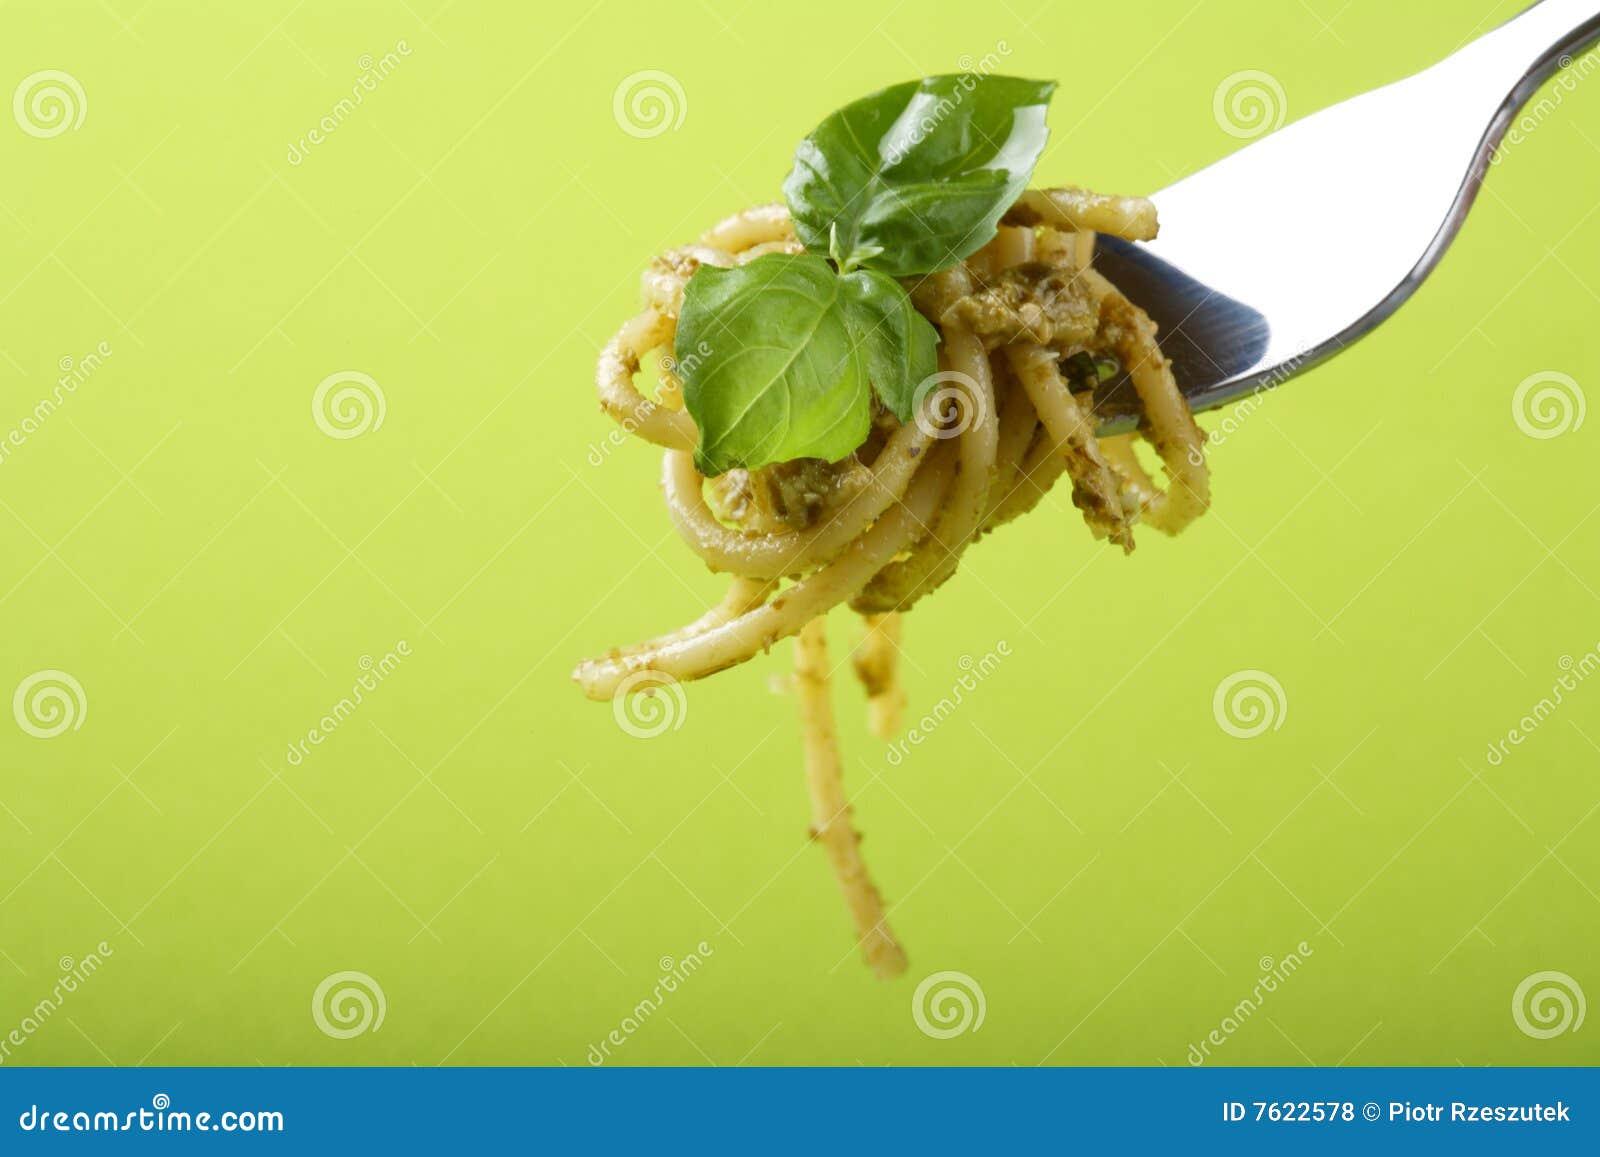 叉子巴马干酪意大利面食pesto sause